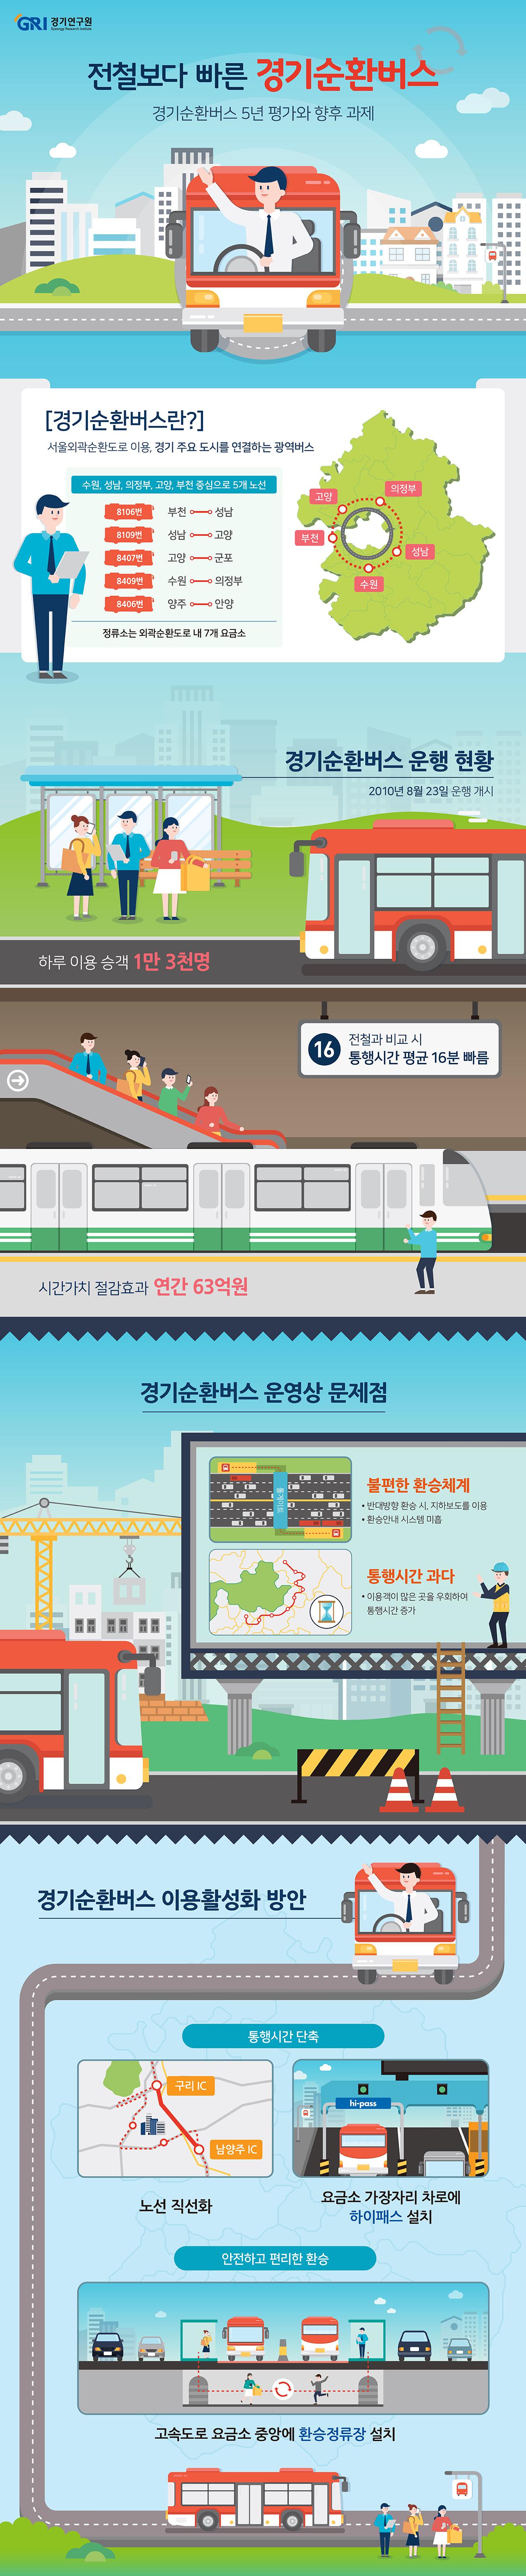 전철보다 빠른 경기순환버스